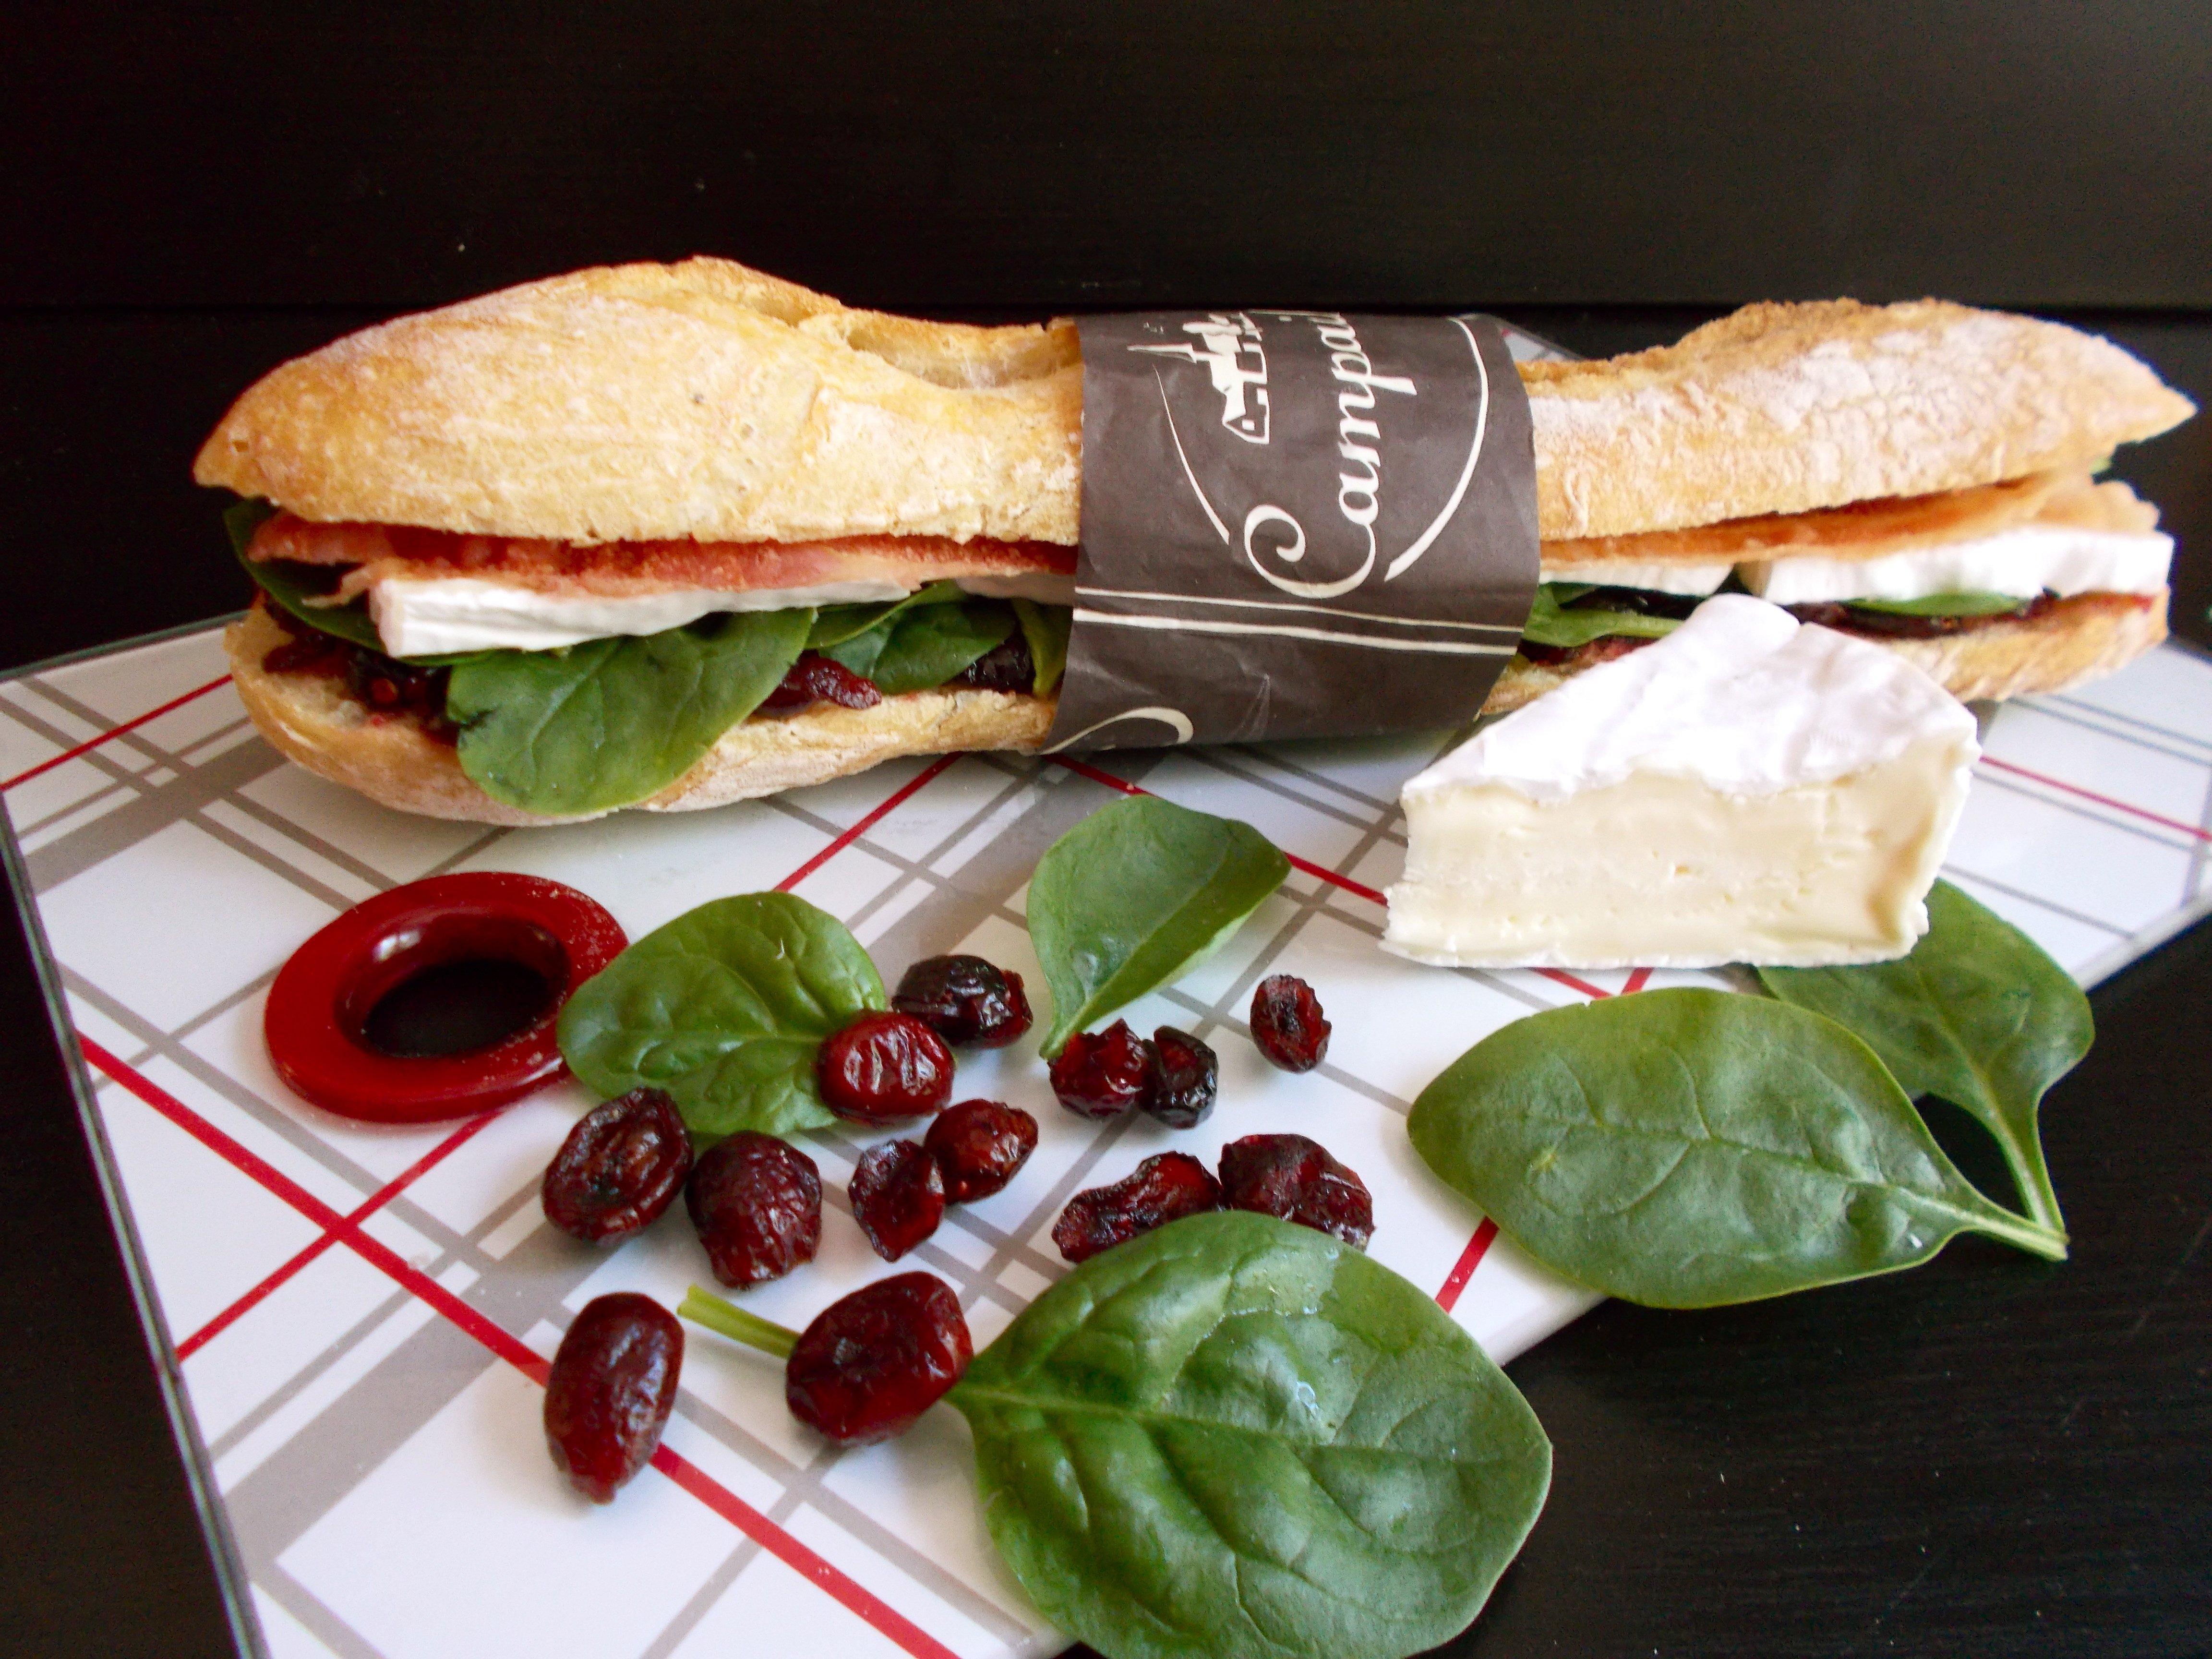 Sandwich BBC (bacon-brie-cranberries)